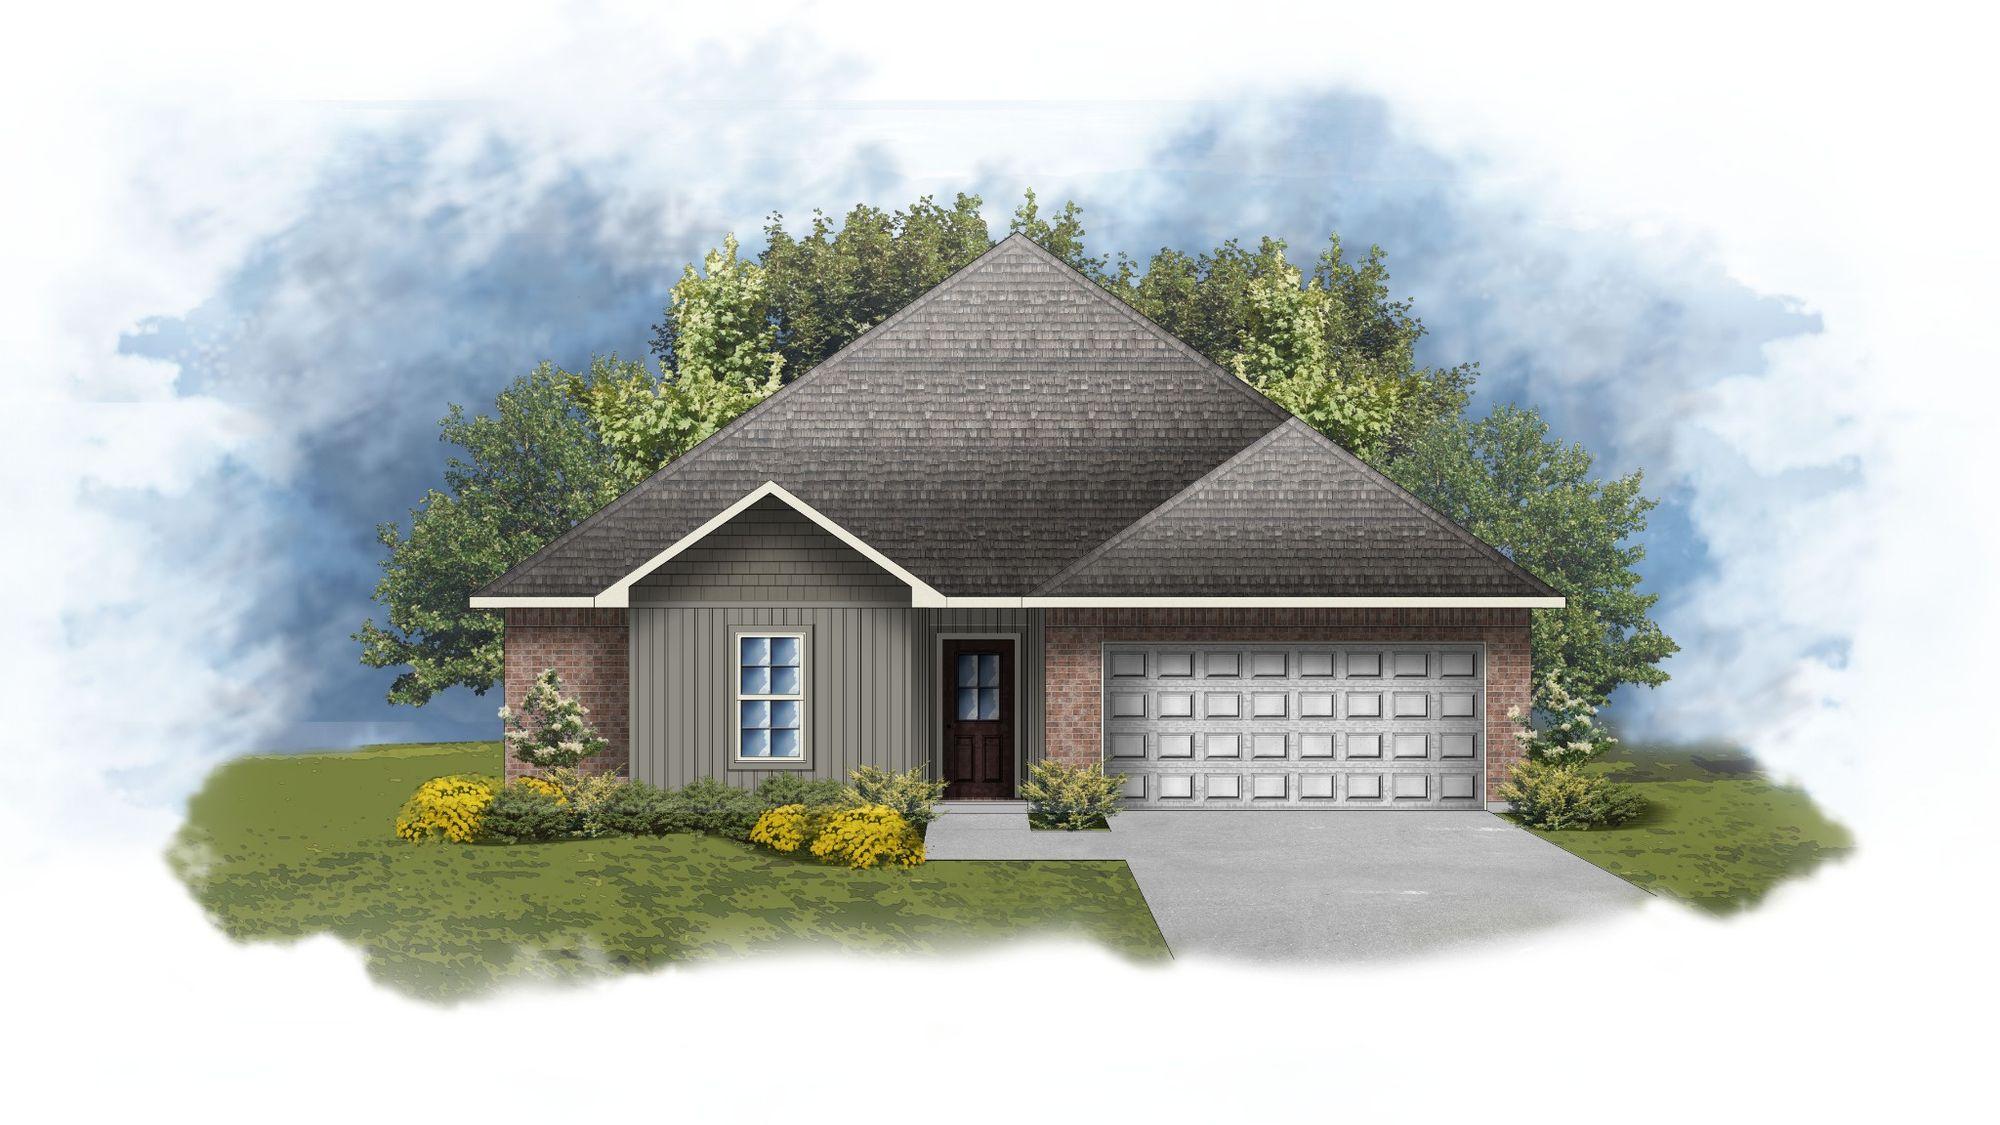 Hoffman IV H Open Floorplan Elevation Image - DSLD Homes